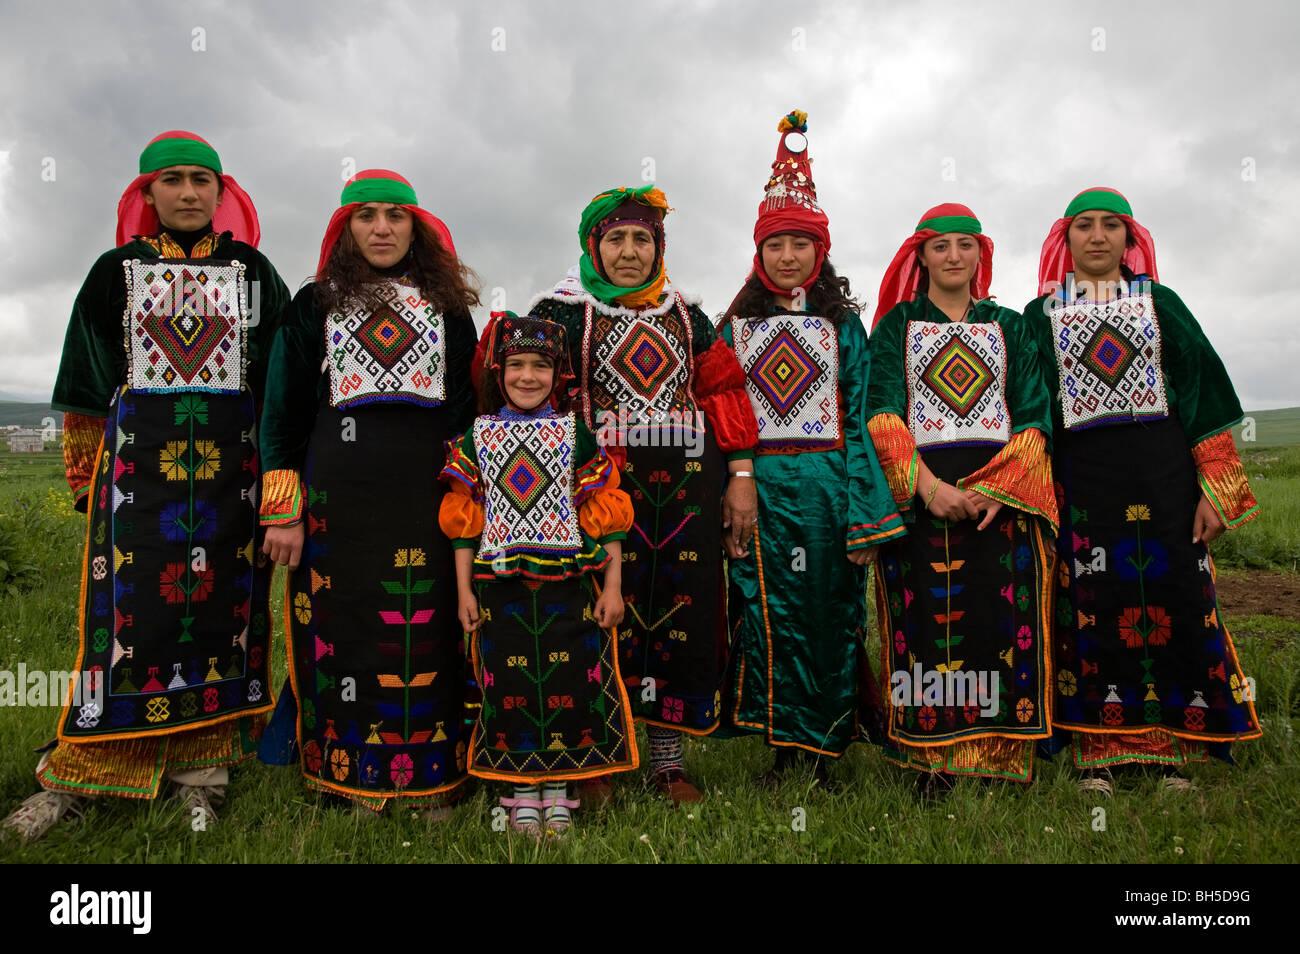 Las mujeres turcas de Ardahan indígenas Turquía Imagen De Stock